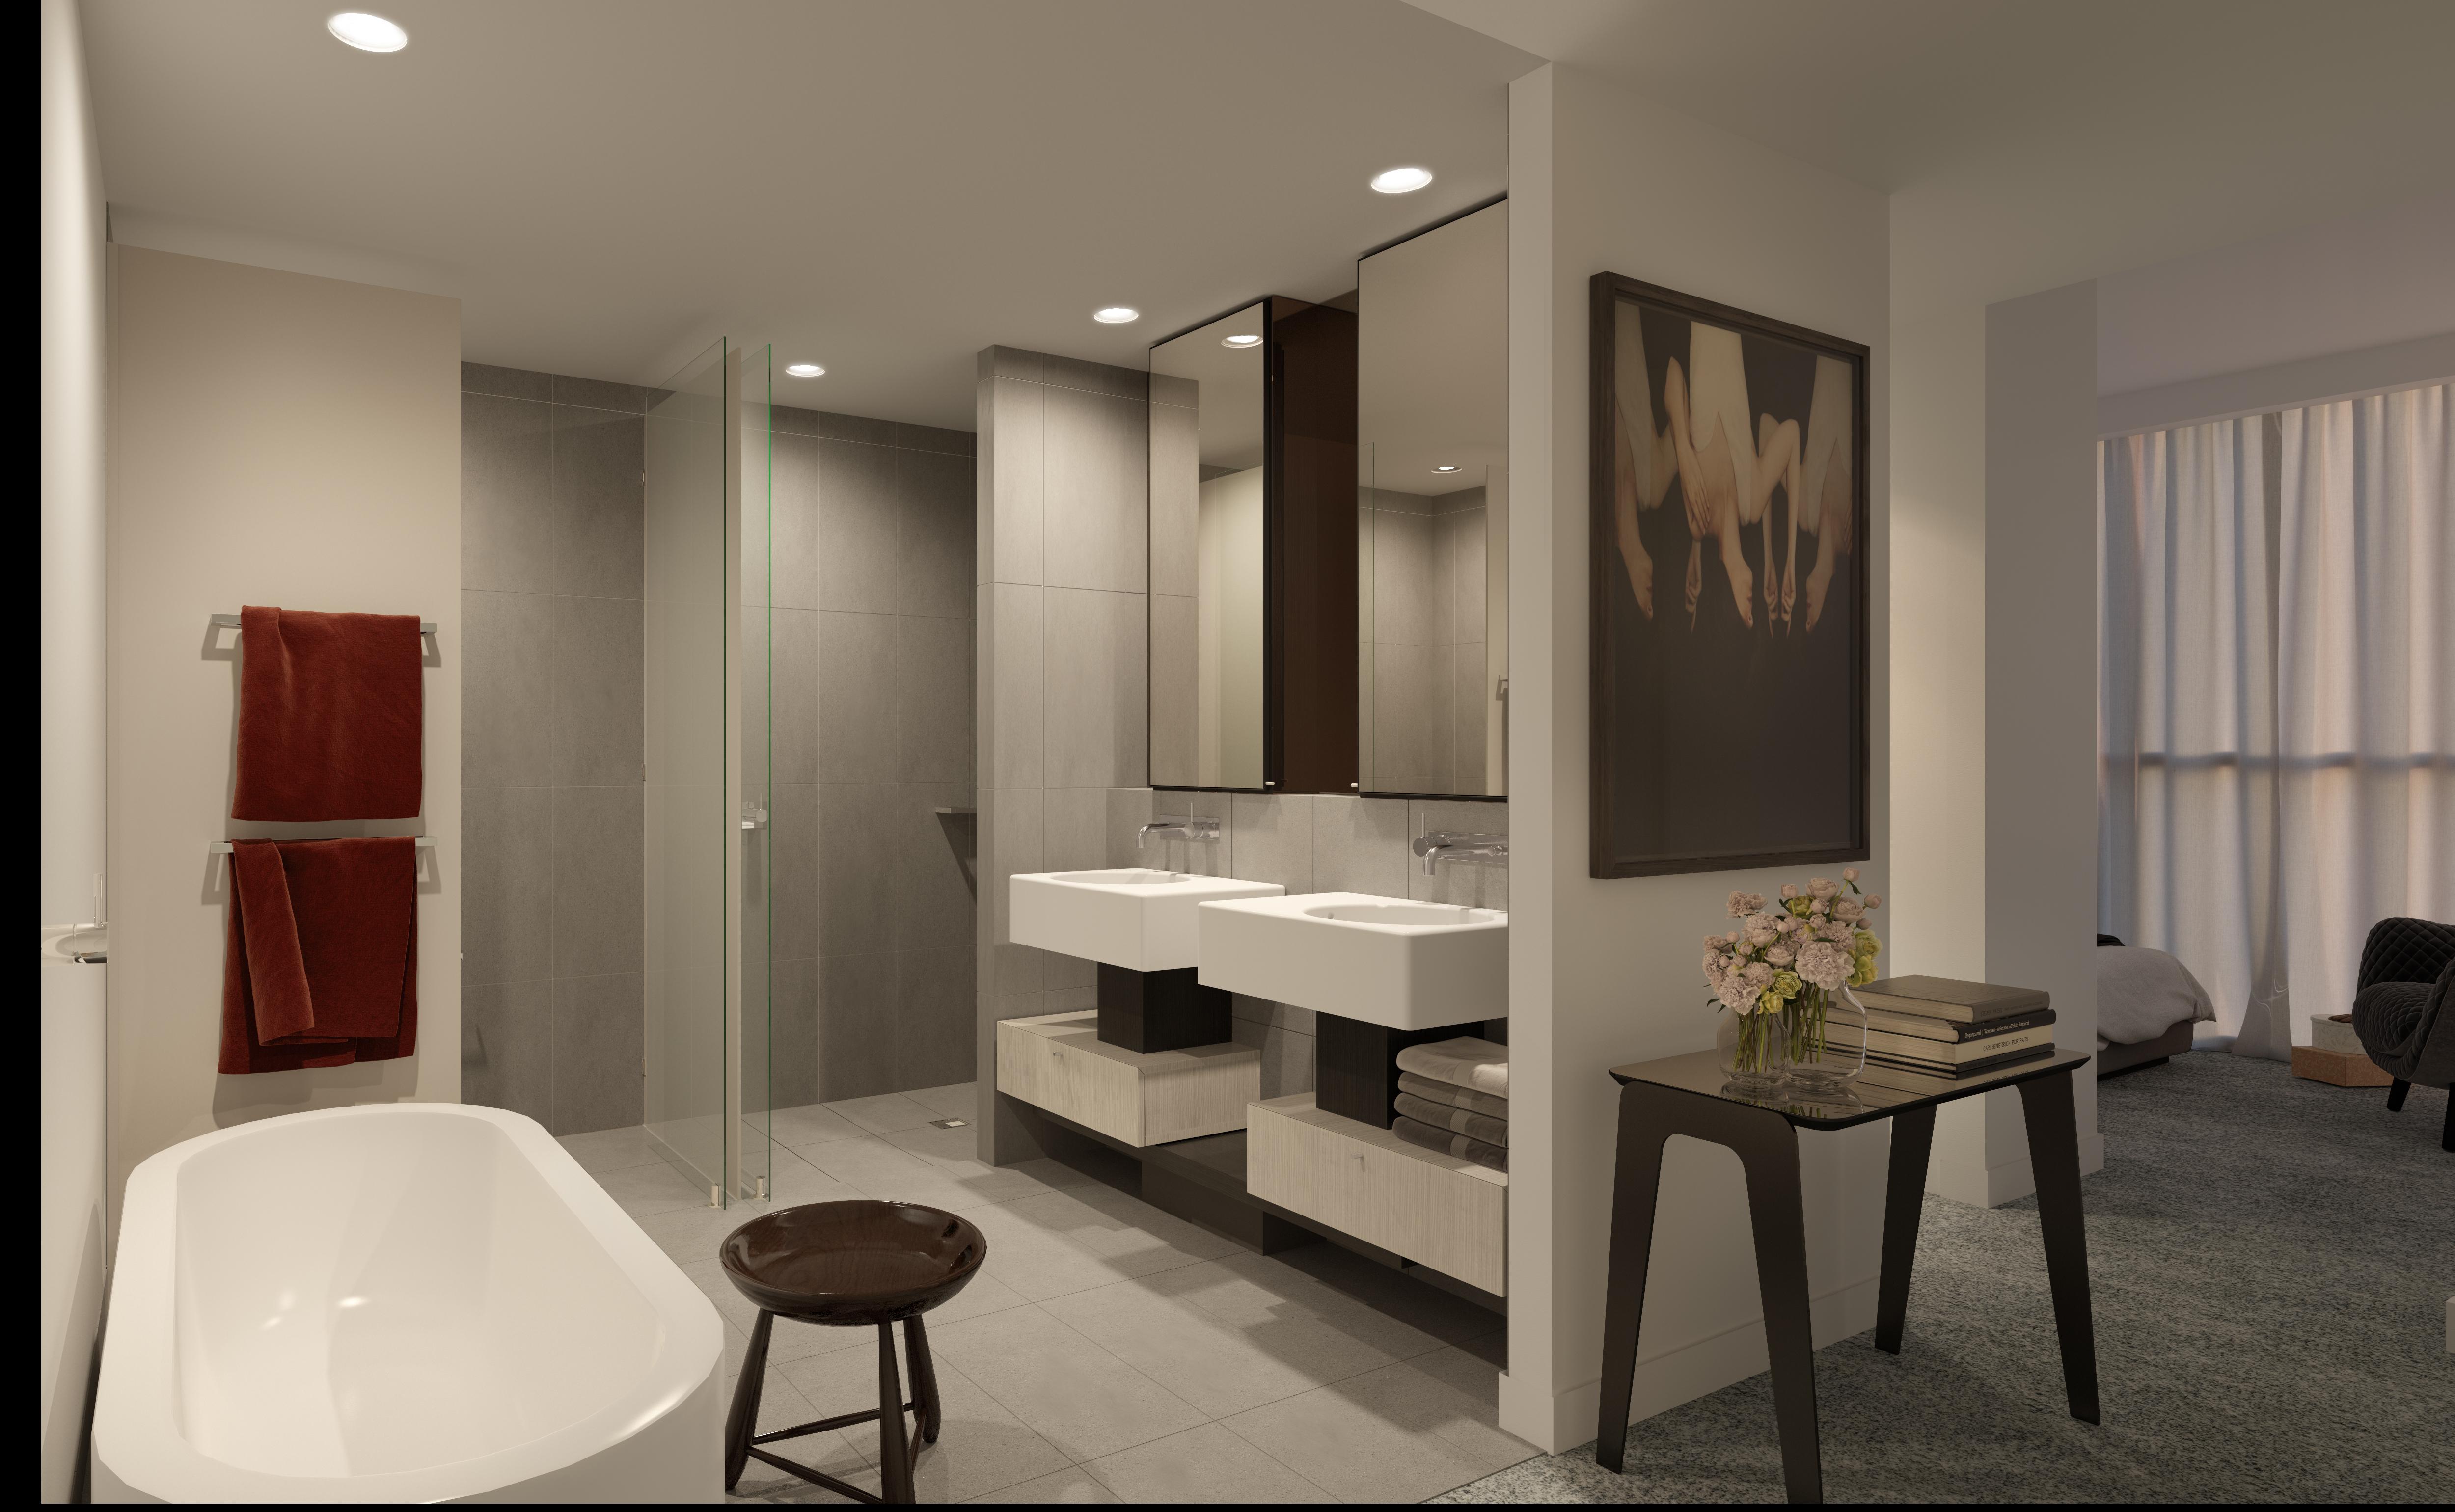 GabrielSaunders_KPDO_SpencerSt_Internal_Bedroom-Bathroom